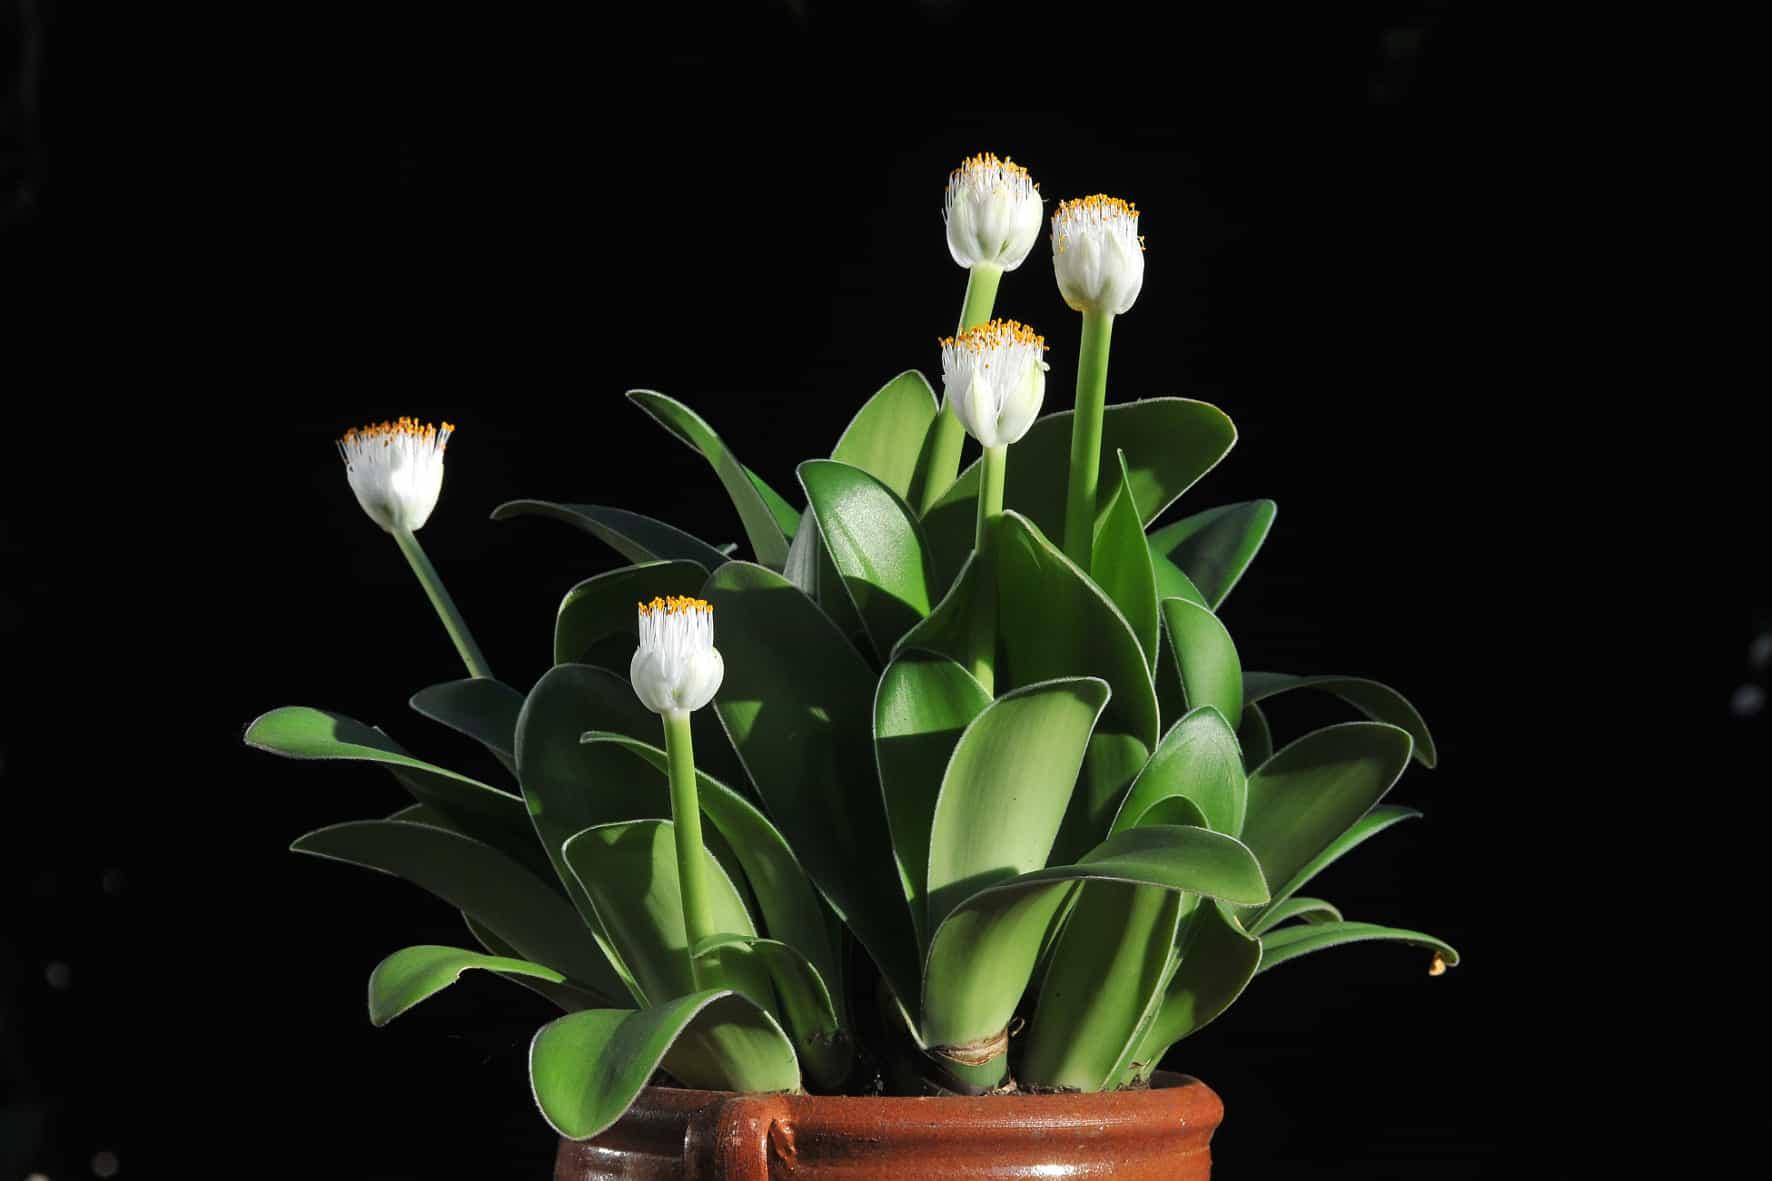 Цветок гемантус: уход в домашних условиях, фото, размножение и виды: белоцветковый